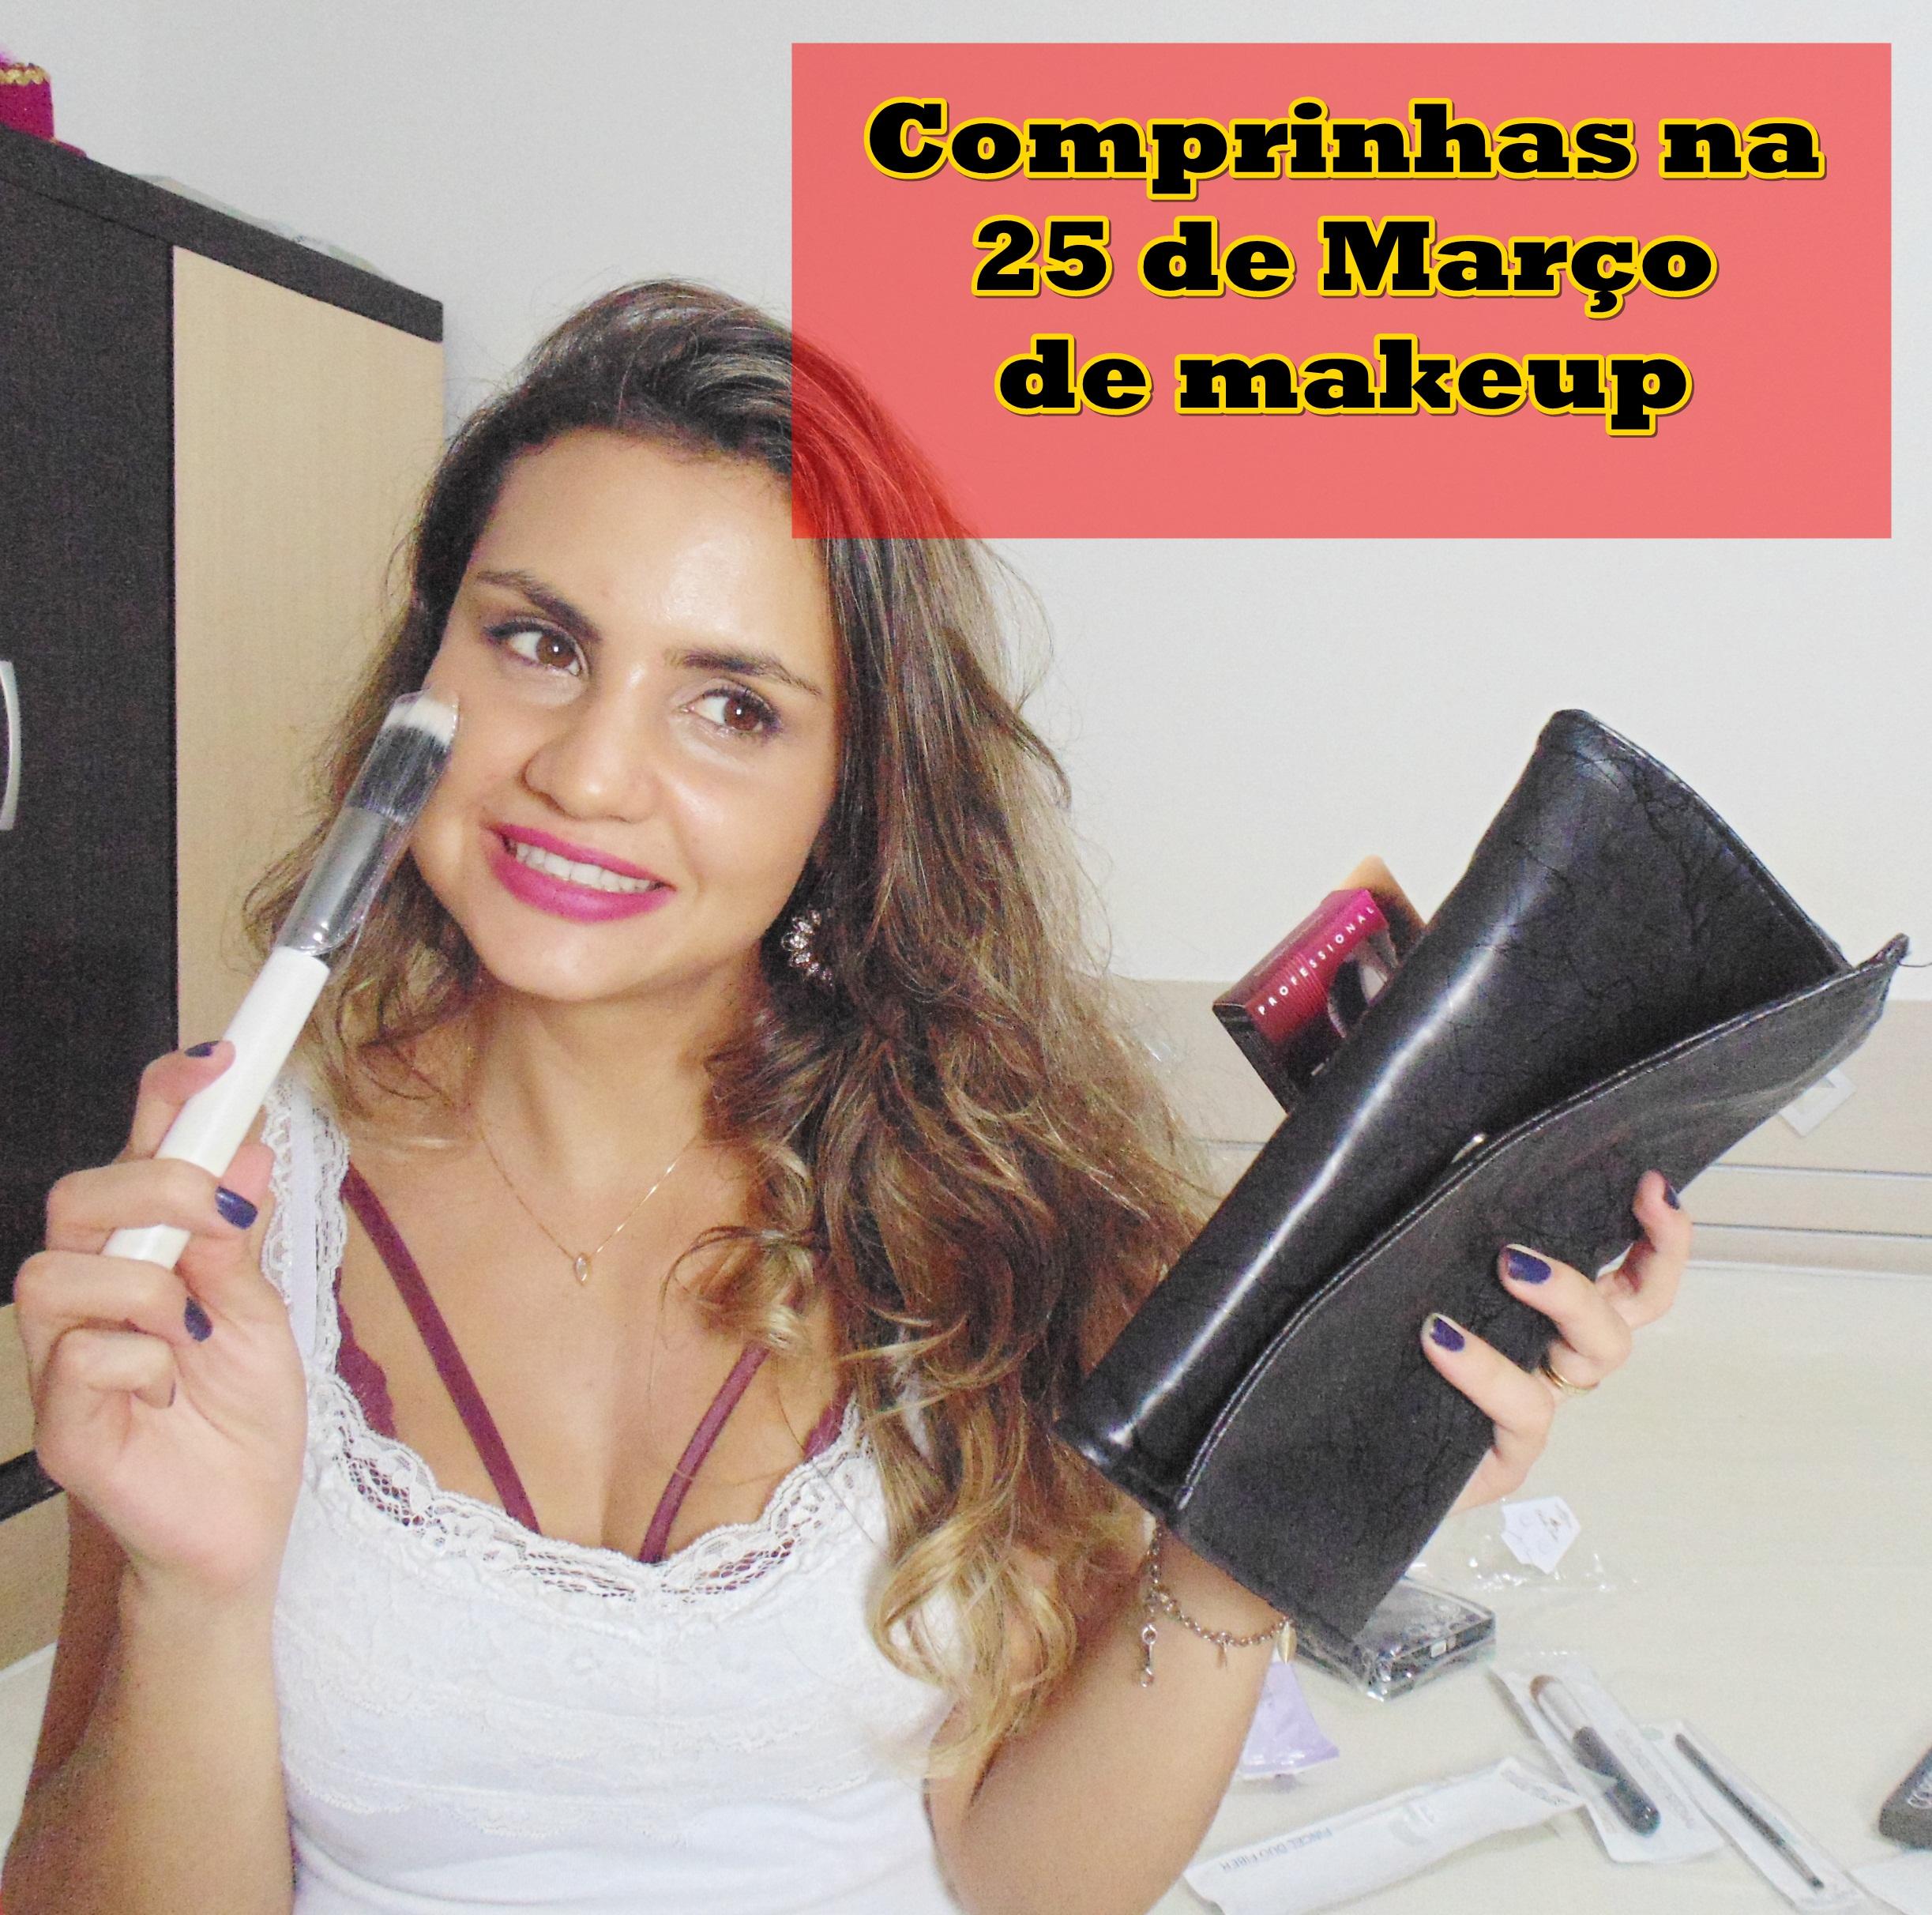 DSC03668 Video: Comprinhas de Makeup na 25 de Março